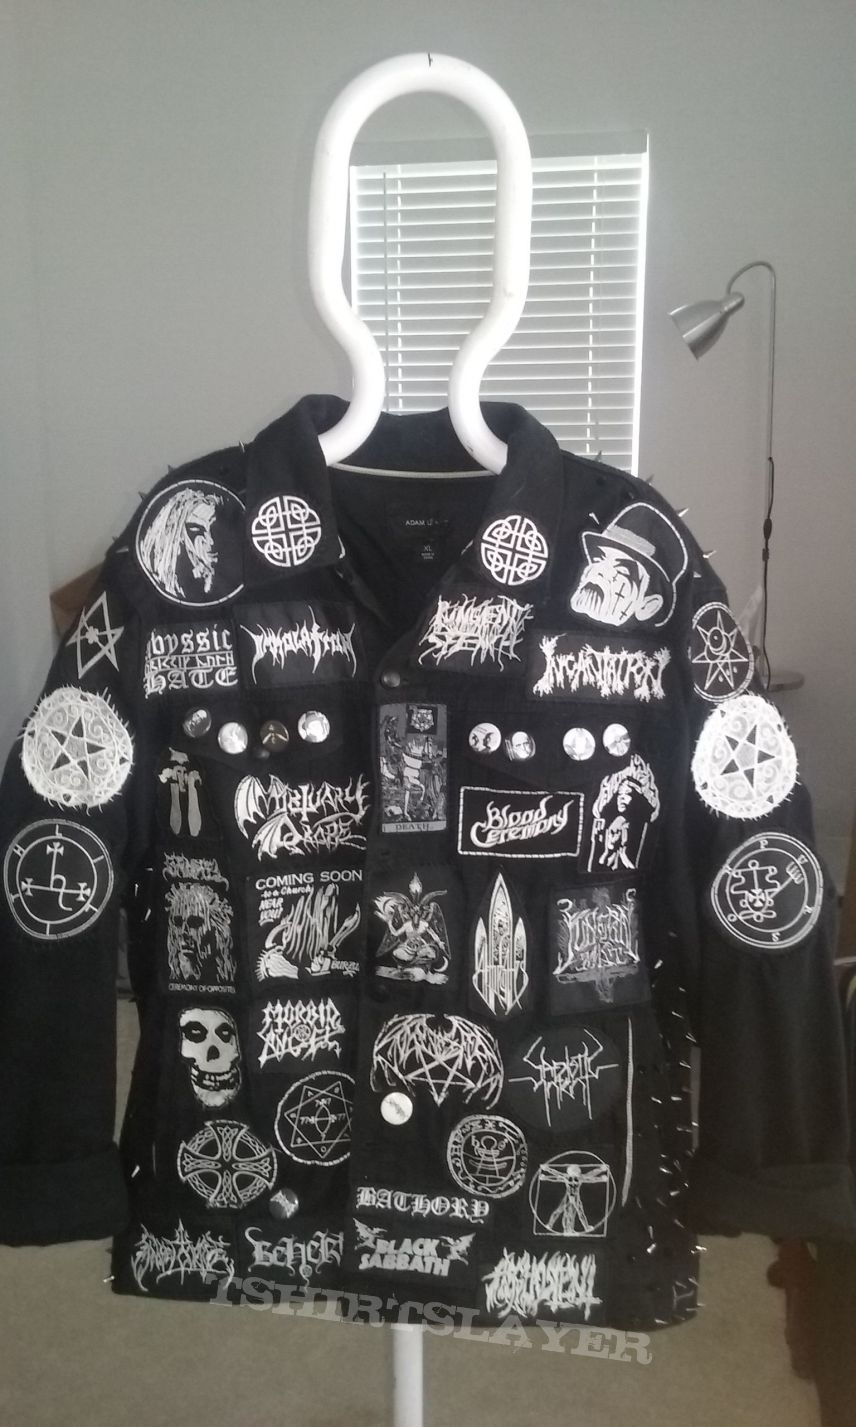 Finished Black and White Battle Jacket